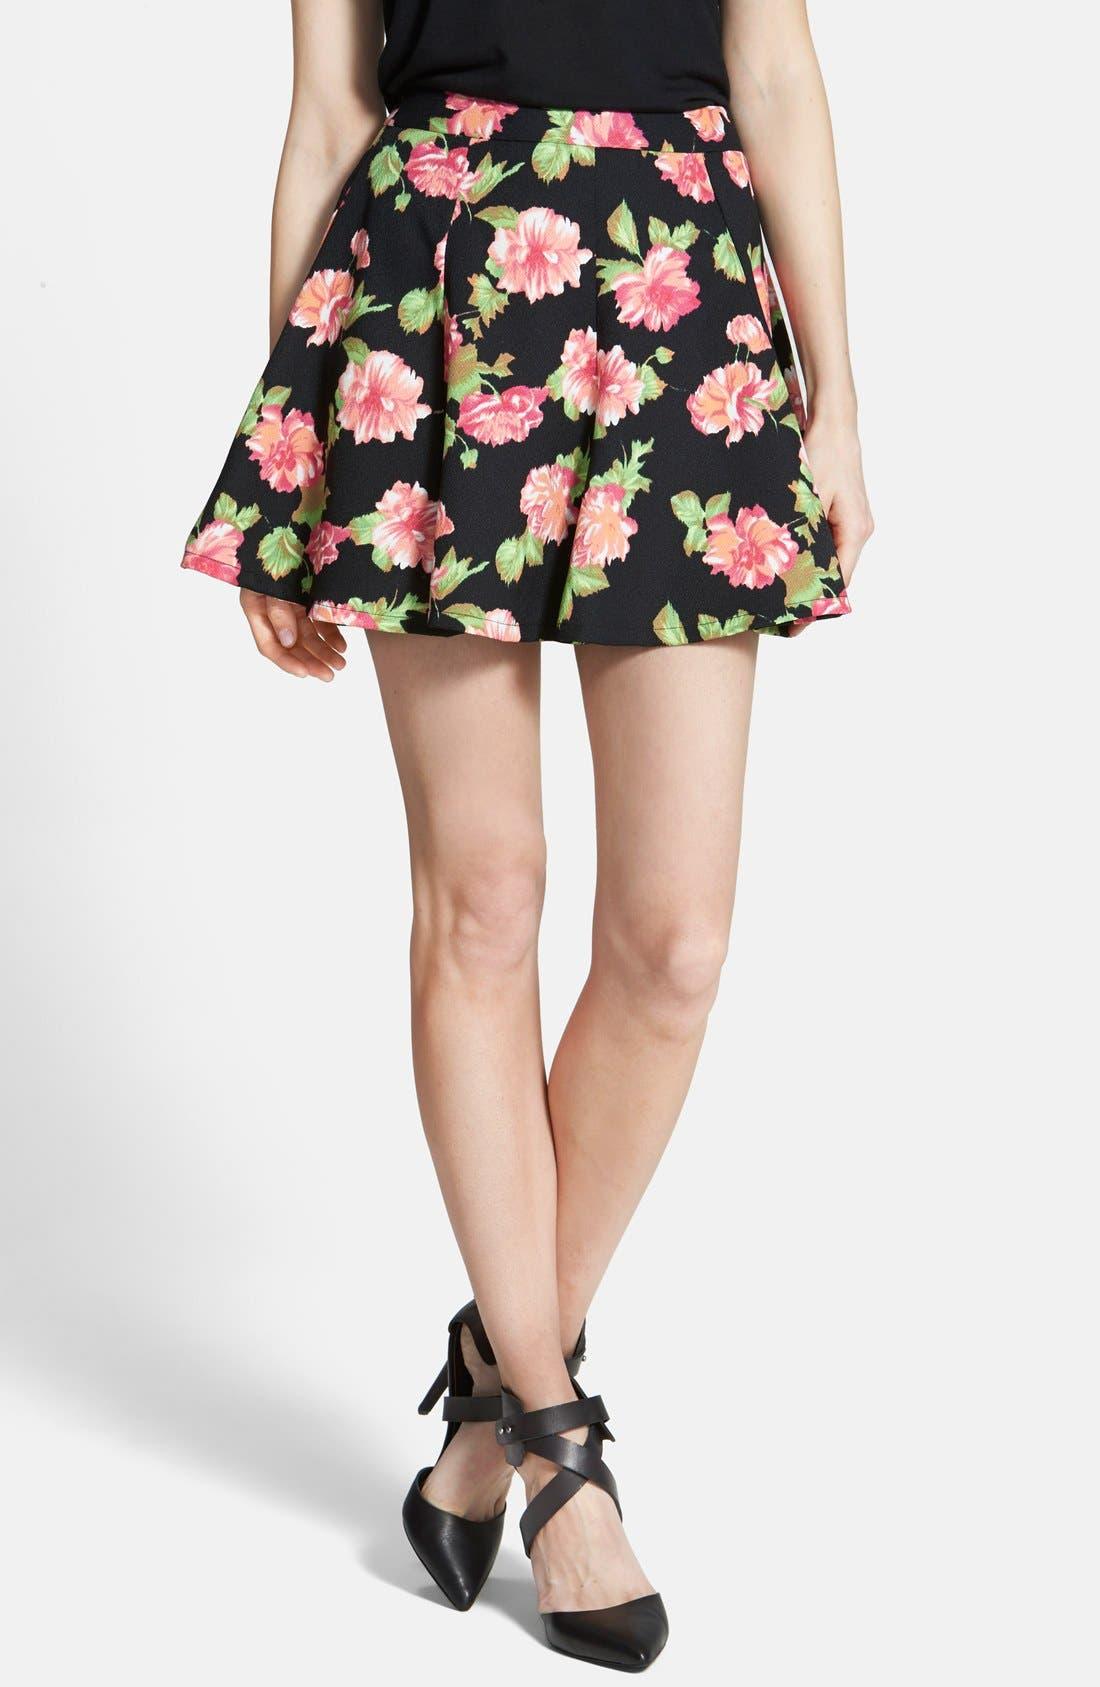 Alternate Image 1 Selected - Lush Floral Print Skater Skirt